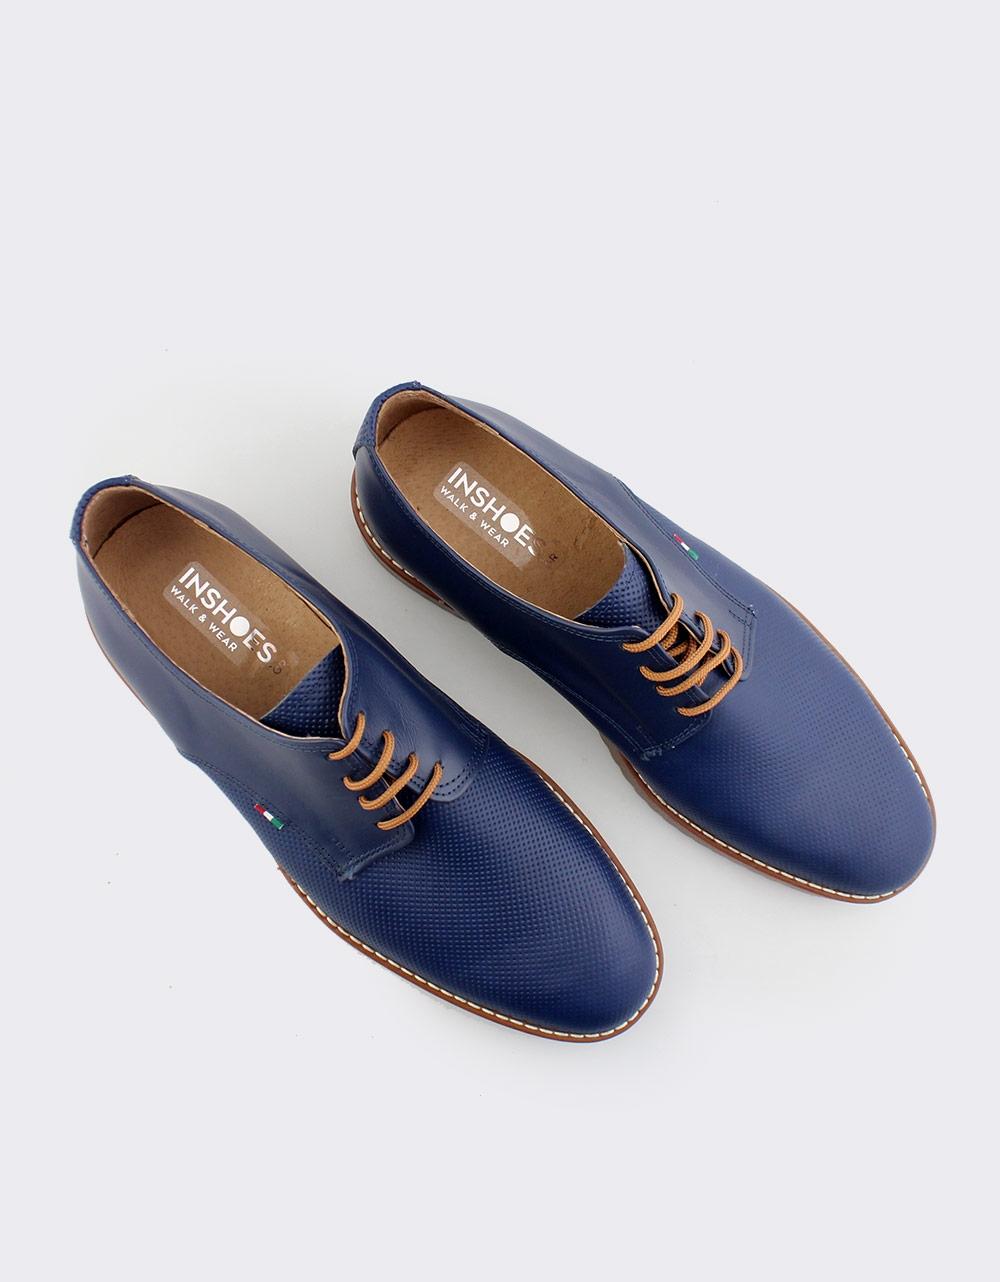 Εικόνα από Ανδρικά loafers δερμάτινα με ανάγλυφο σχέδιο Μπλε